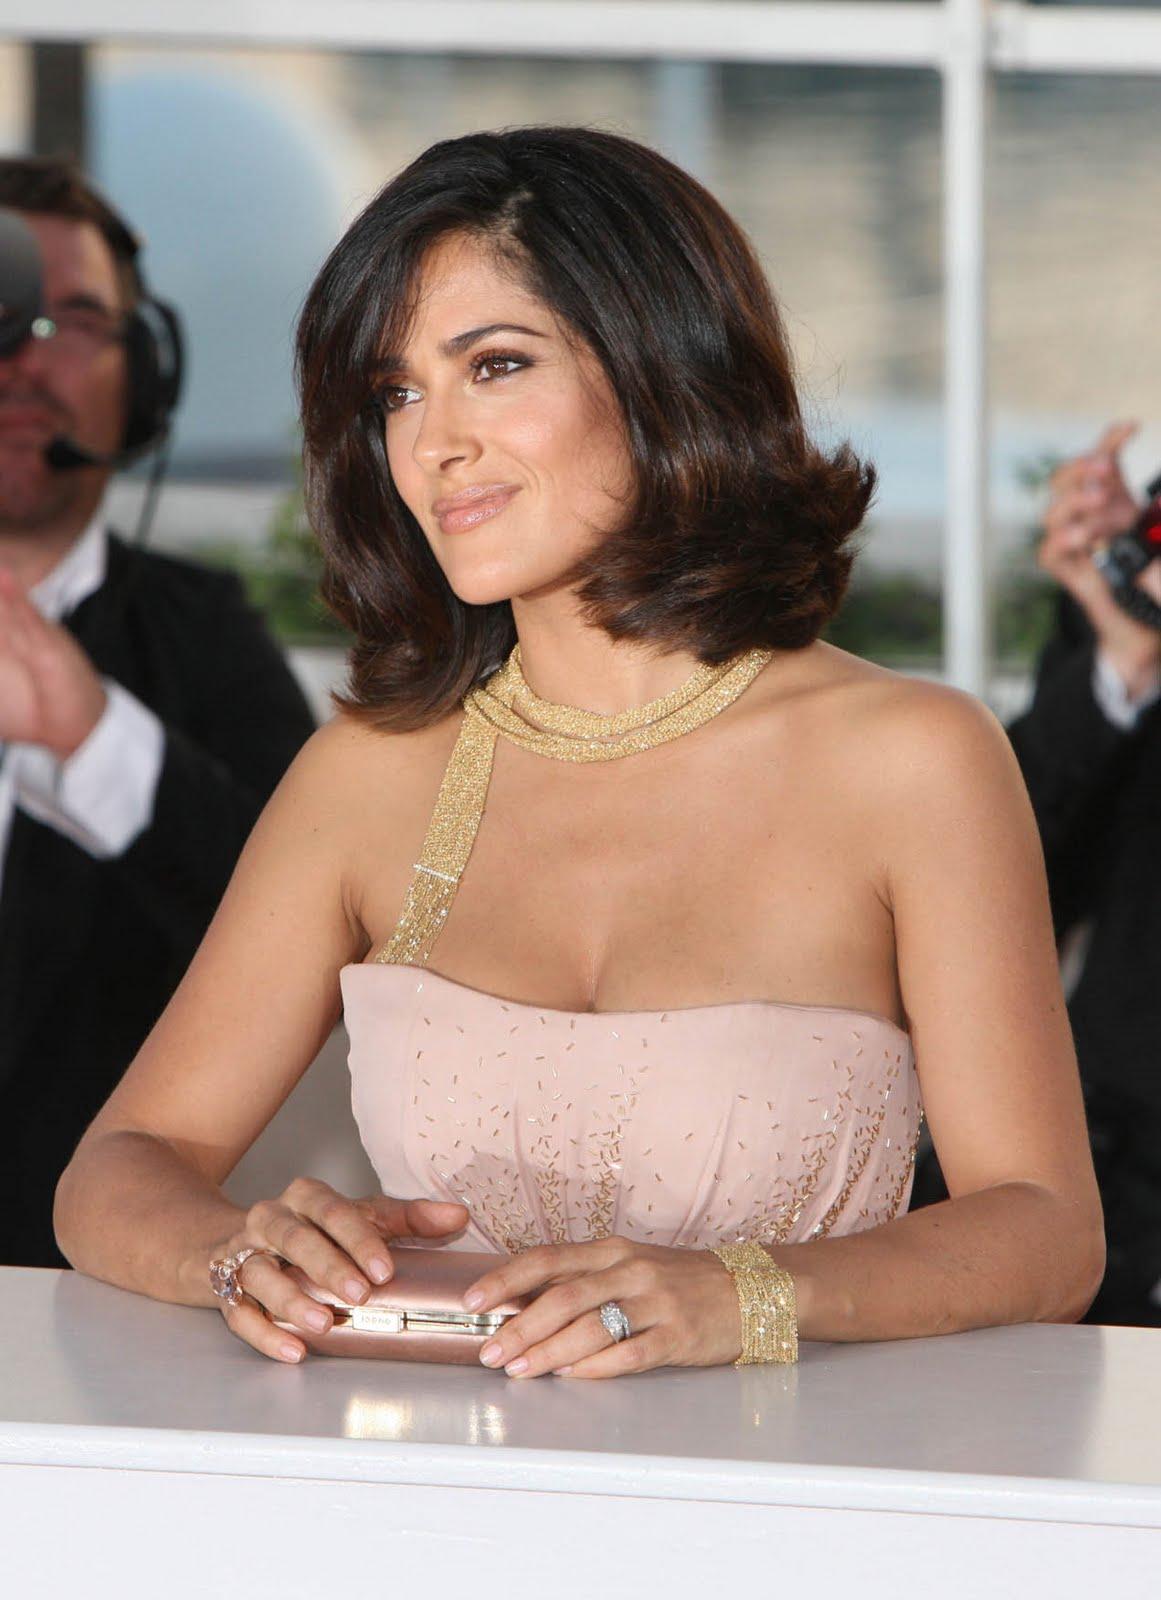 http://3.bp.blogspot.com/_zbsfJpJk1lA/S_sAJ-DuZ4I/AAAAAAAALE0/Qn45m1nBEM8/s1600/salma_hayek_pink_cleavage_8.jpg